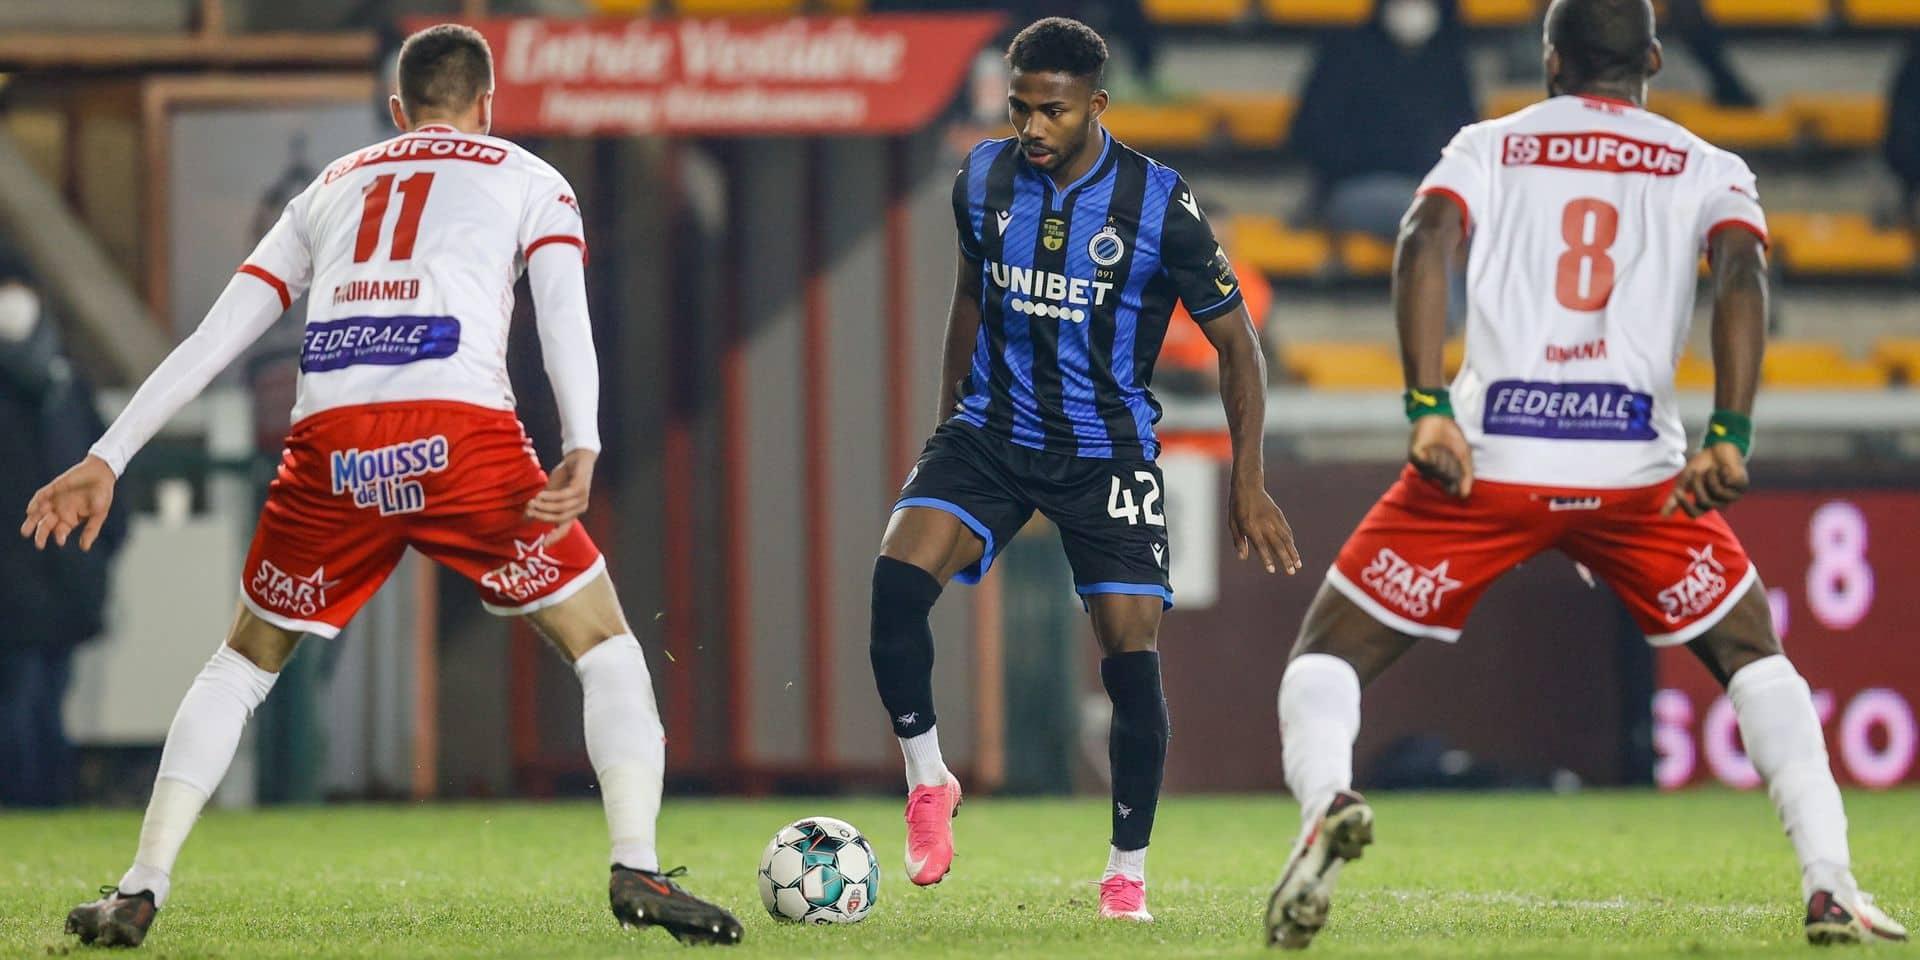 Mouscron confirme en tenant en échec le Club de Bruges (0-0)